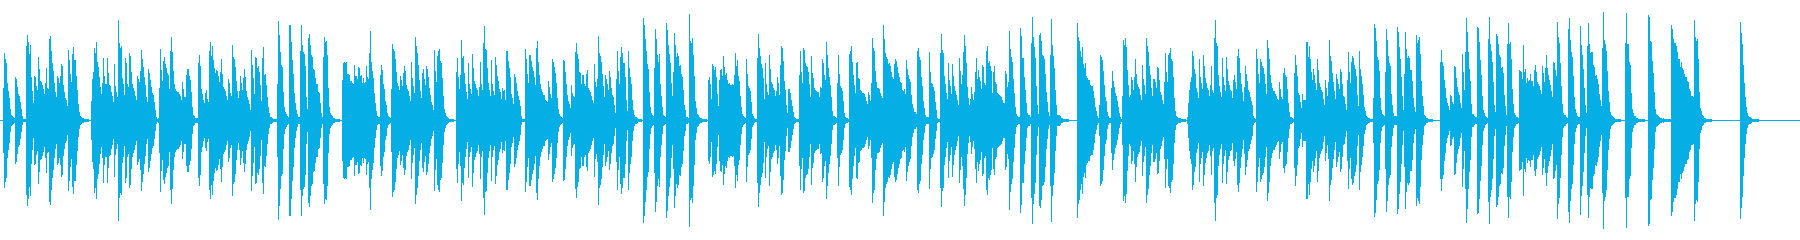 ほのぼの お気楽軽快ピアノ の再生済みの波形